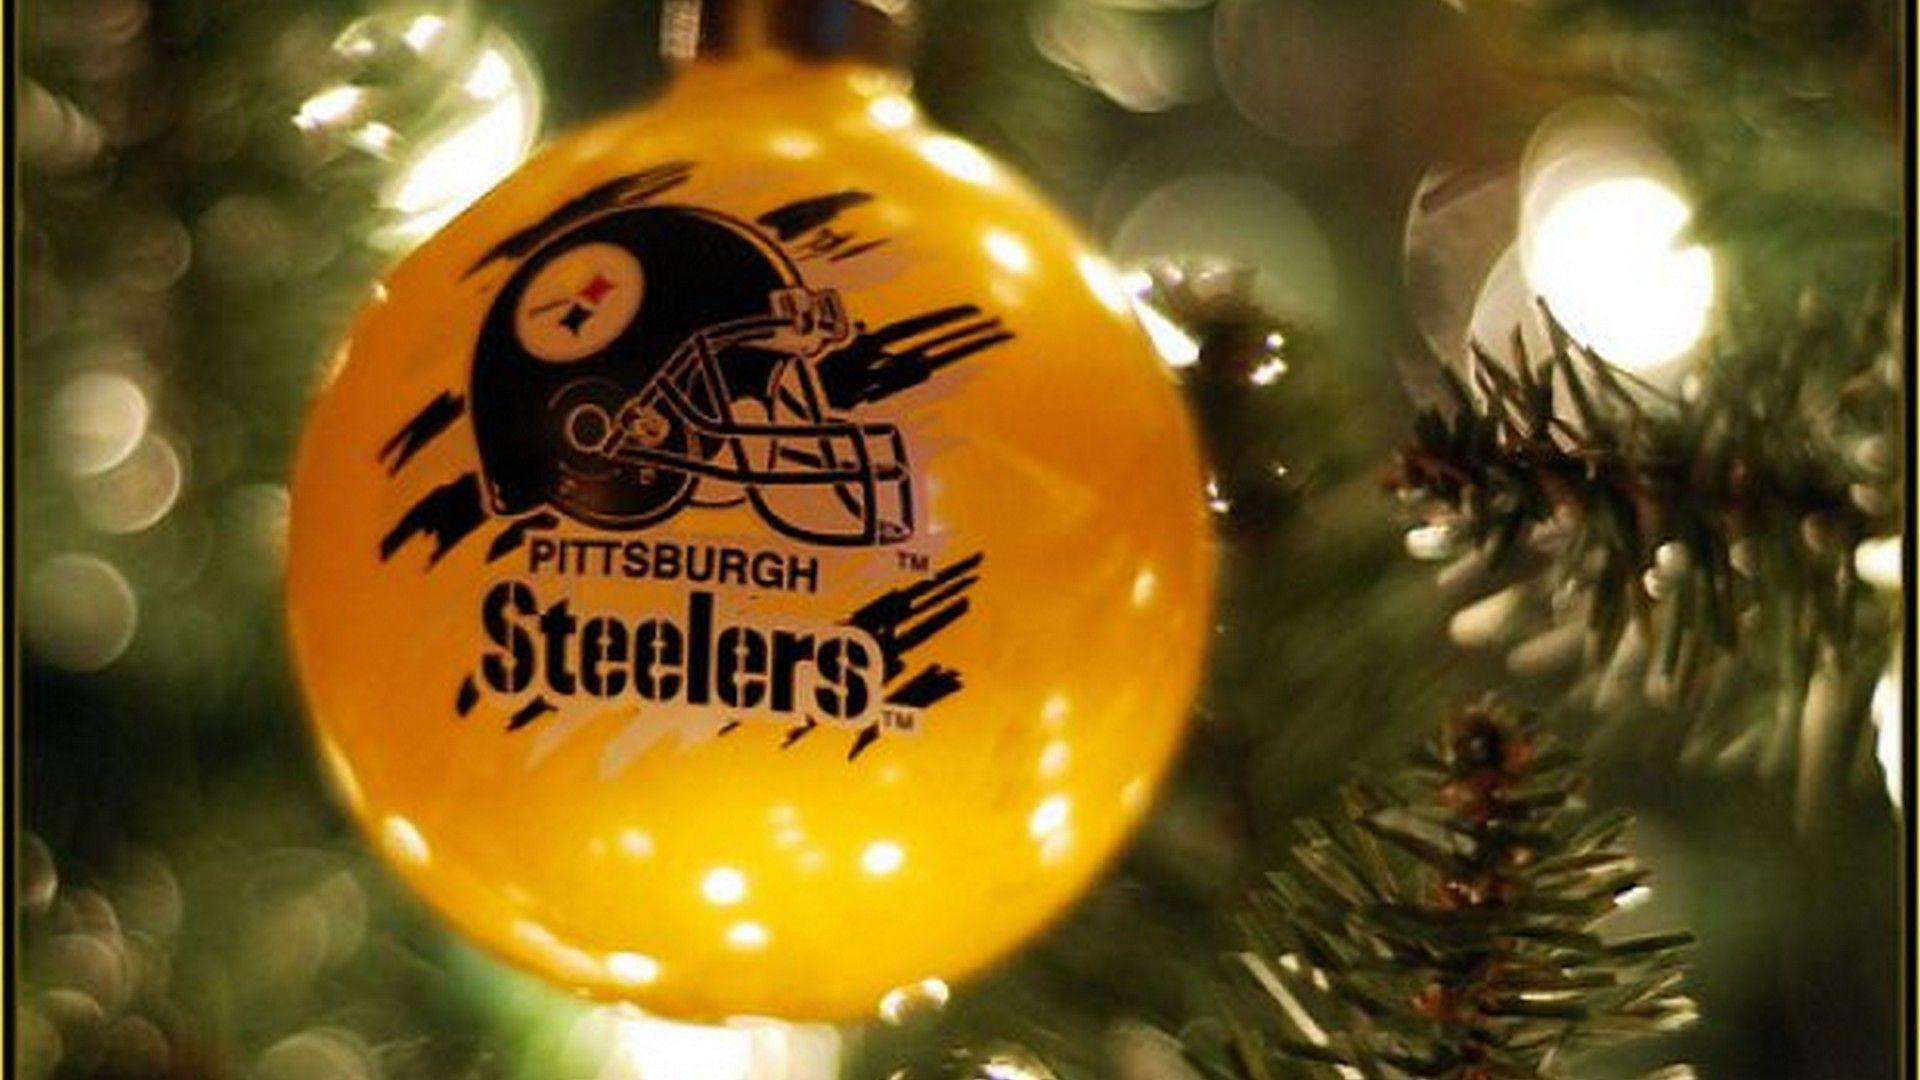 Pitt Steelers Mac Backgrounds Football wallpaper